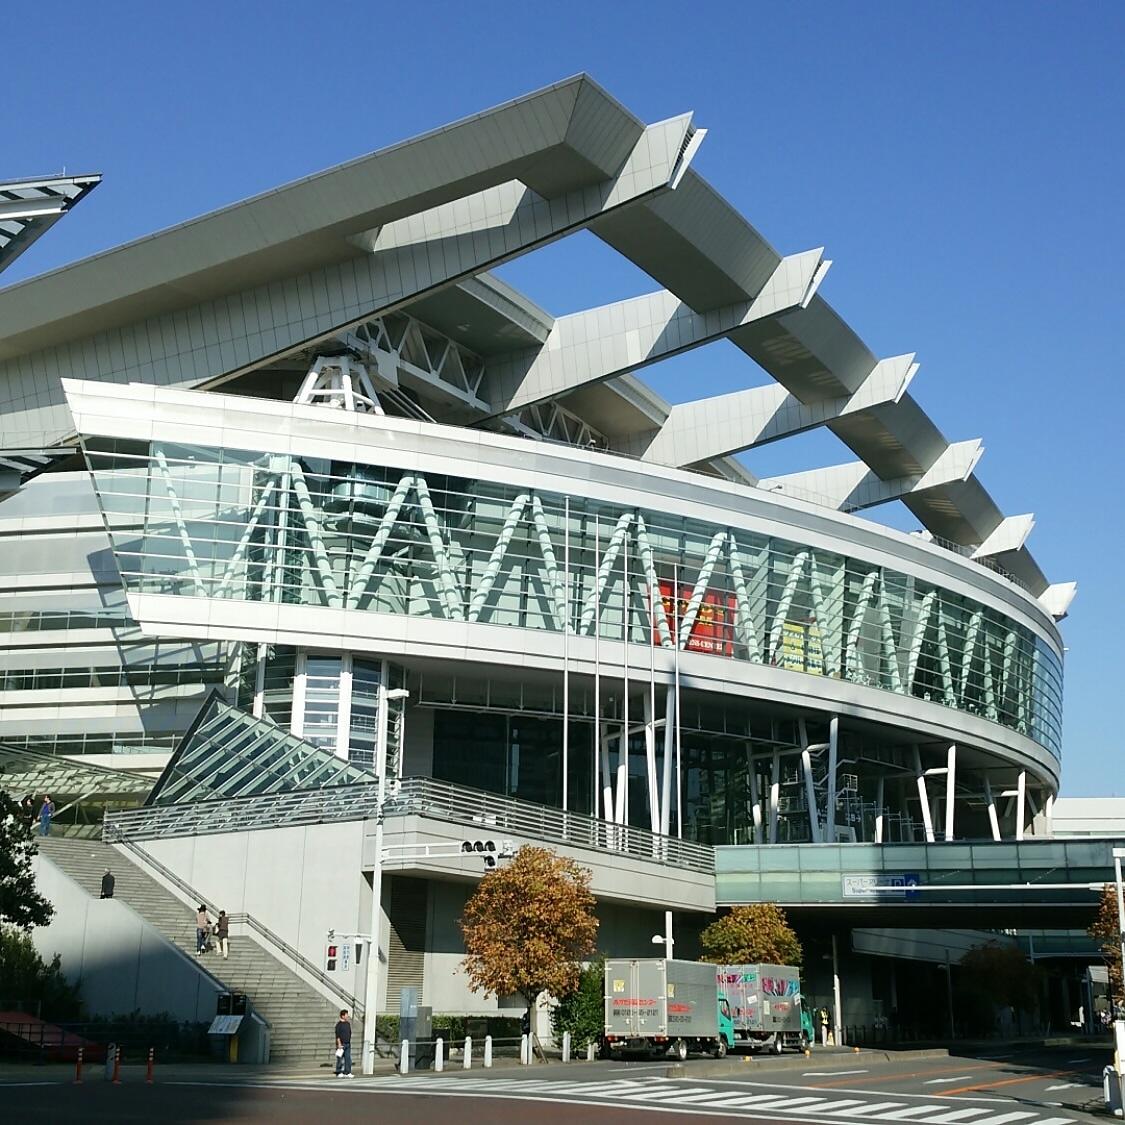 埼玉大学陸上部が3年ぶりに箱根駅伝予選会に出場し12人全員が完走